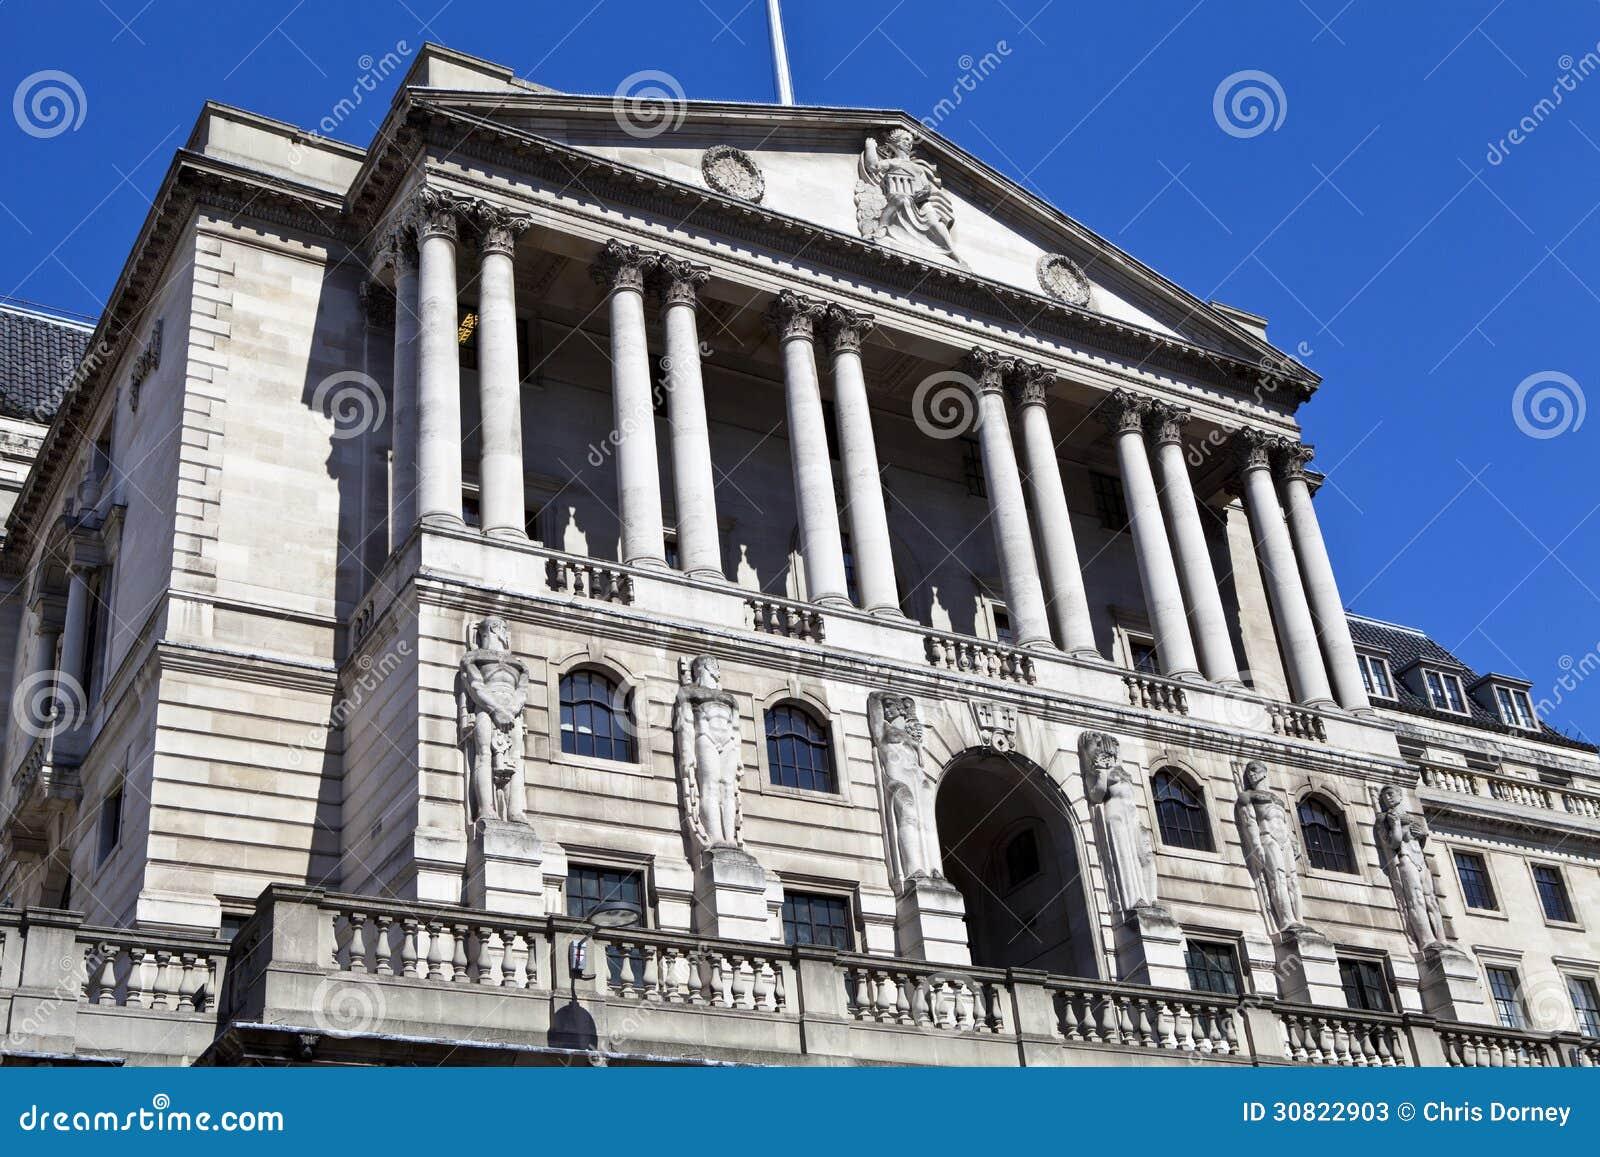 Banco de inglaterra en londres fotos de archivo imagen for Banco exterior telefonos